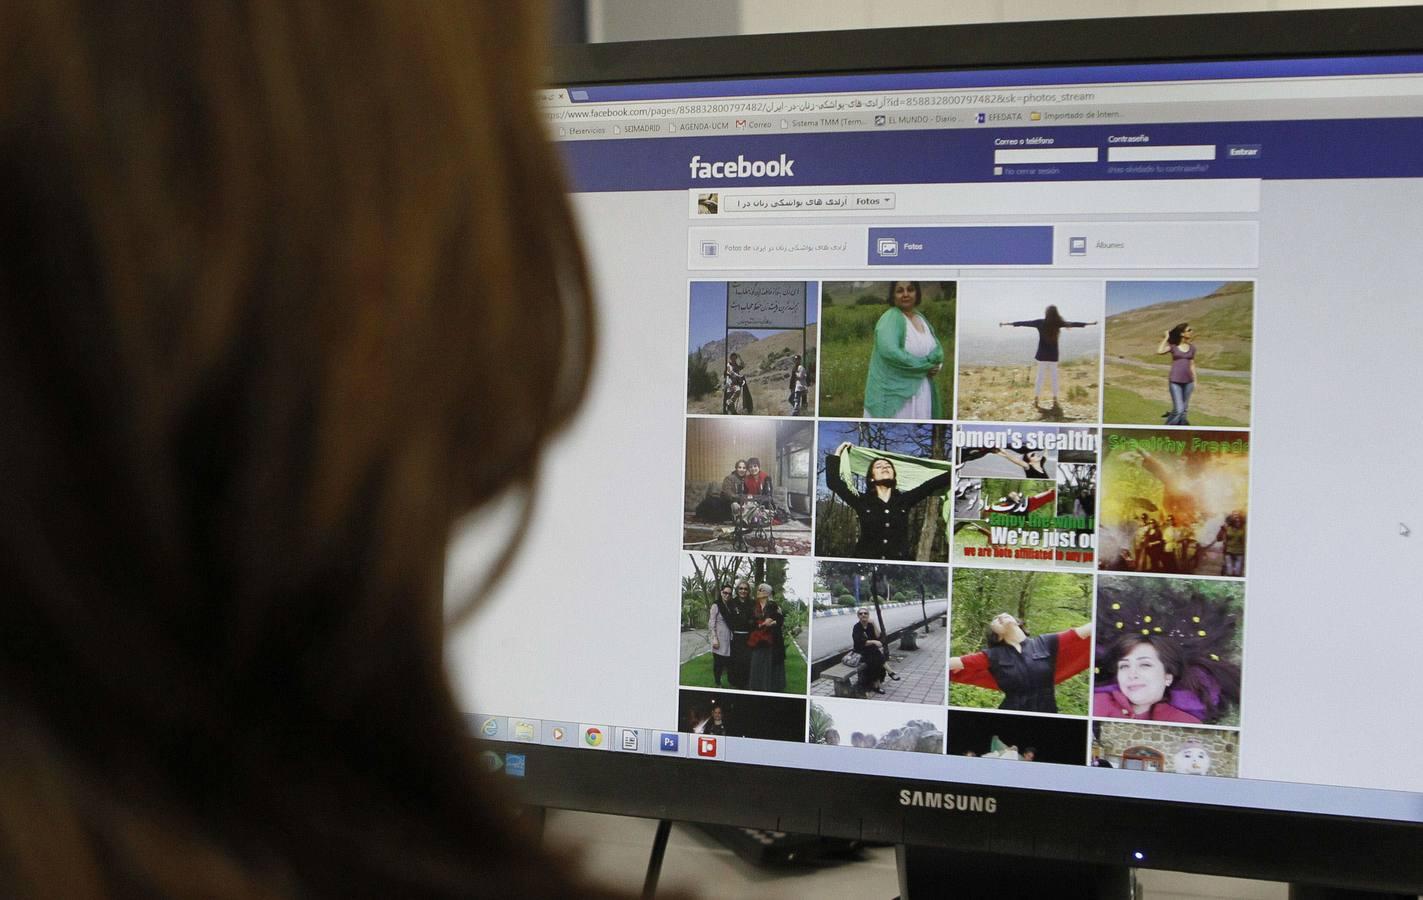 Las comparaciones sociales a través de Facebook